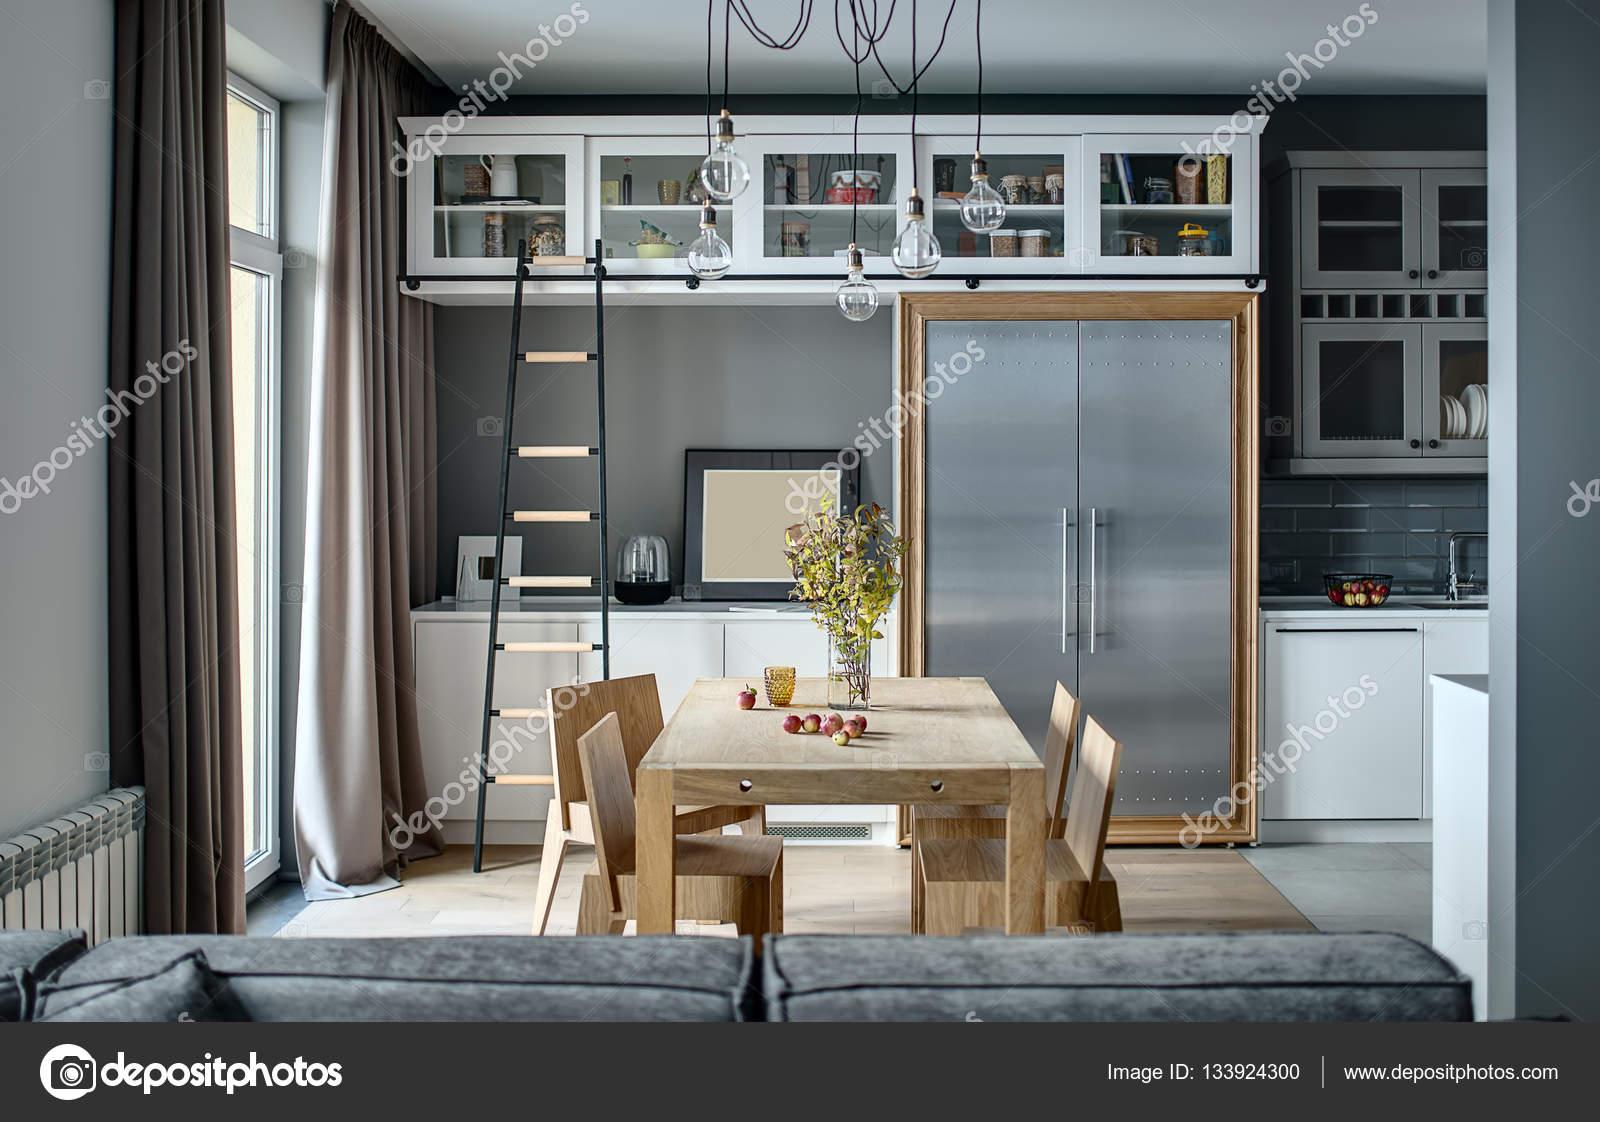 Tavolo E Sedie Stile Contemporaneo.Cucina In Stile Contemporaneo Foto Stock C Bezikus 133924300